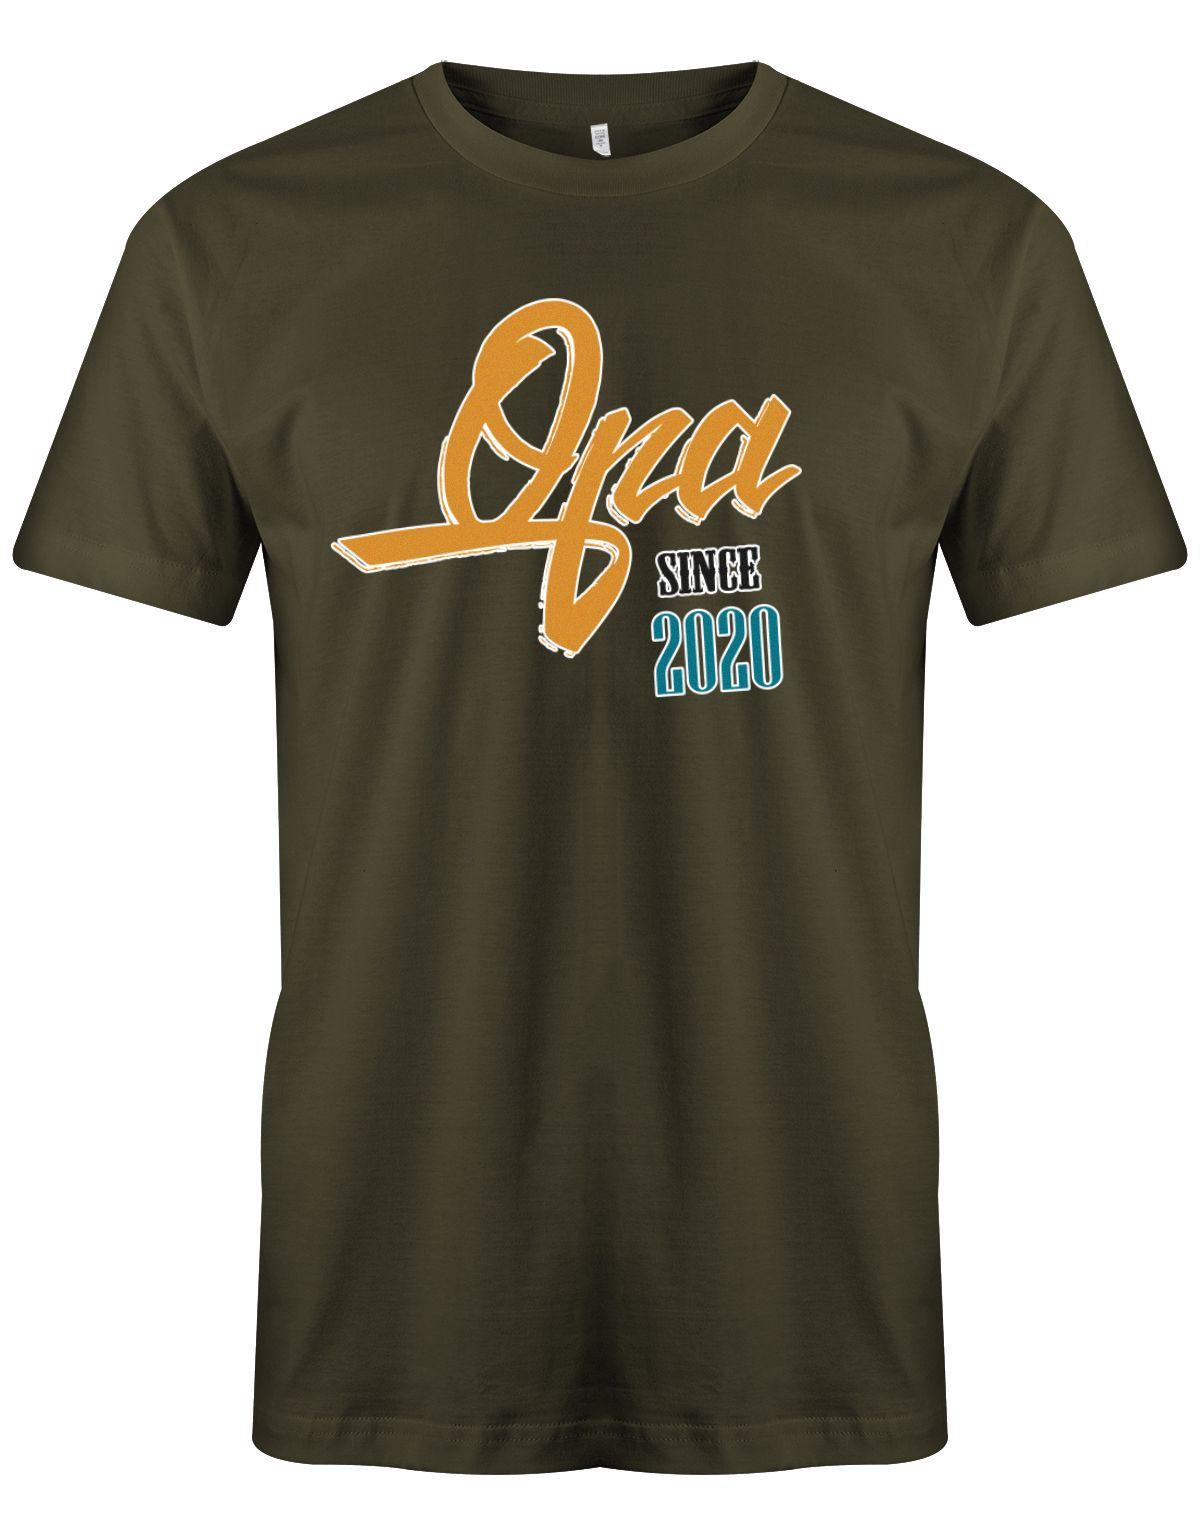 Geschenkidee Fur Einen Tollen Opa Wunschjahr T Shirt Shirts Geschenkideen